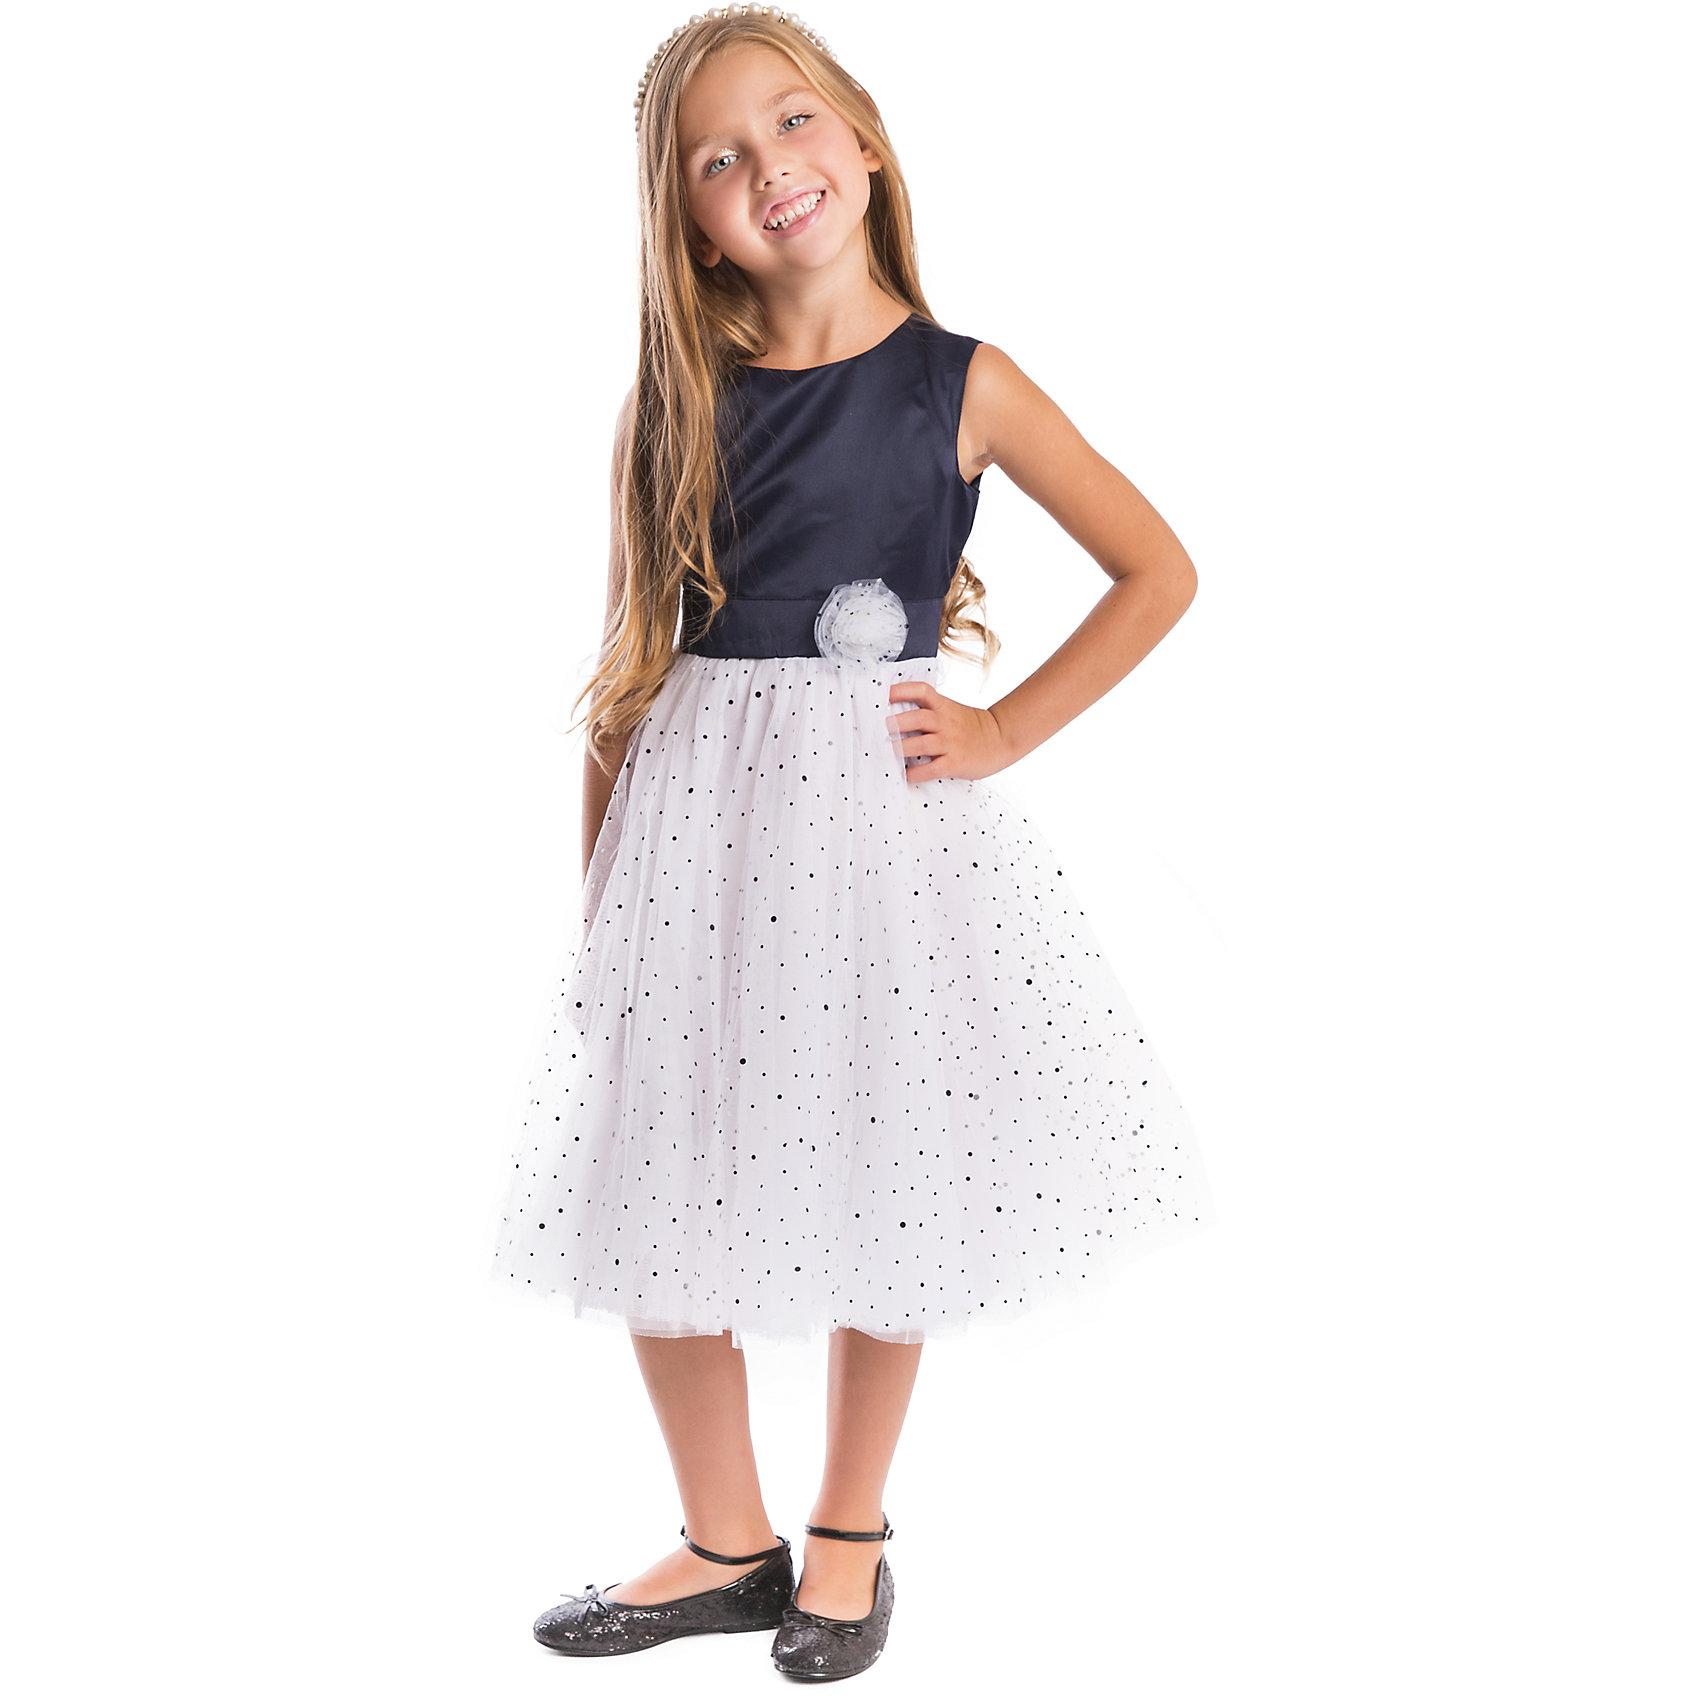 Платье PlayTodayОдежда<br>Платье PlayToday <br><br>Состав: Верх: 100% полиэстер, Подкладка: 100% хлопок <br><br>Это платье для тех, кому надоели костюмы снежинок и принцесс. <br>Пышная сетчатая юбка блестит и переливается, пайетки смотрятся классно, как звездная пыль. <br>Платья такого стиля девушки начали носить в послевоенное время (50-е года). <br>Блестки разного размера – новый тренд.<br><br>Ширина мм: 236<br>Глубина мм: 16<br>Высота мм: 184<br>Вес г: 177<br>Цвет: синий<br>Возраст от месяцев: 36<br>Возраст до месяцев: 48<br>Пол: Женский<br>Возраст: Детский<br>Размер: 104,98,110,122,128,116<br>SKU: 4305387